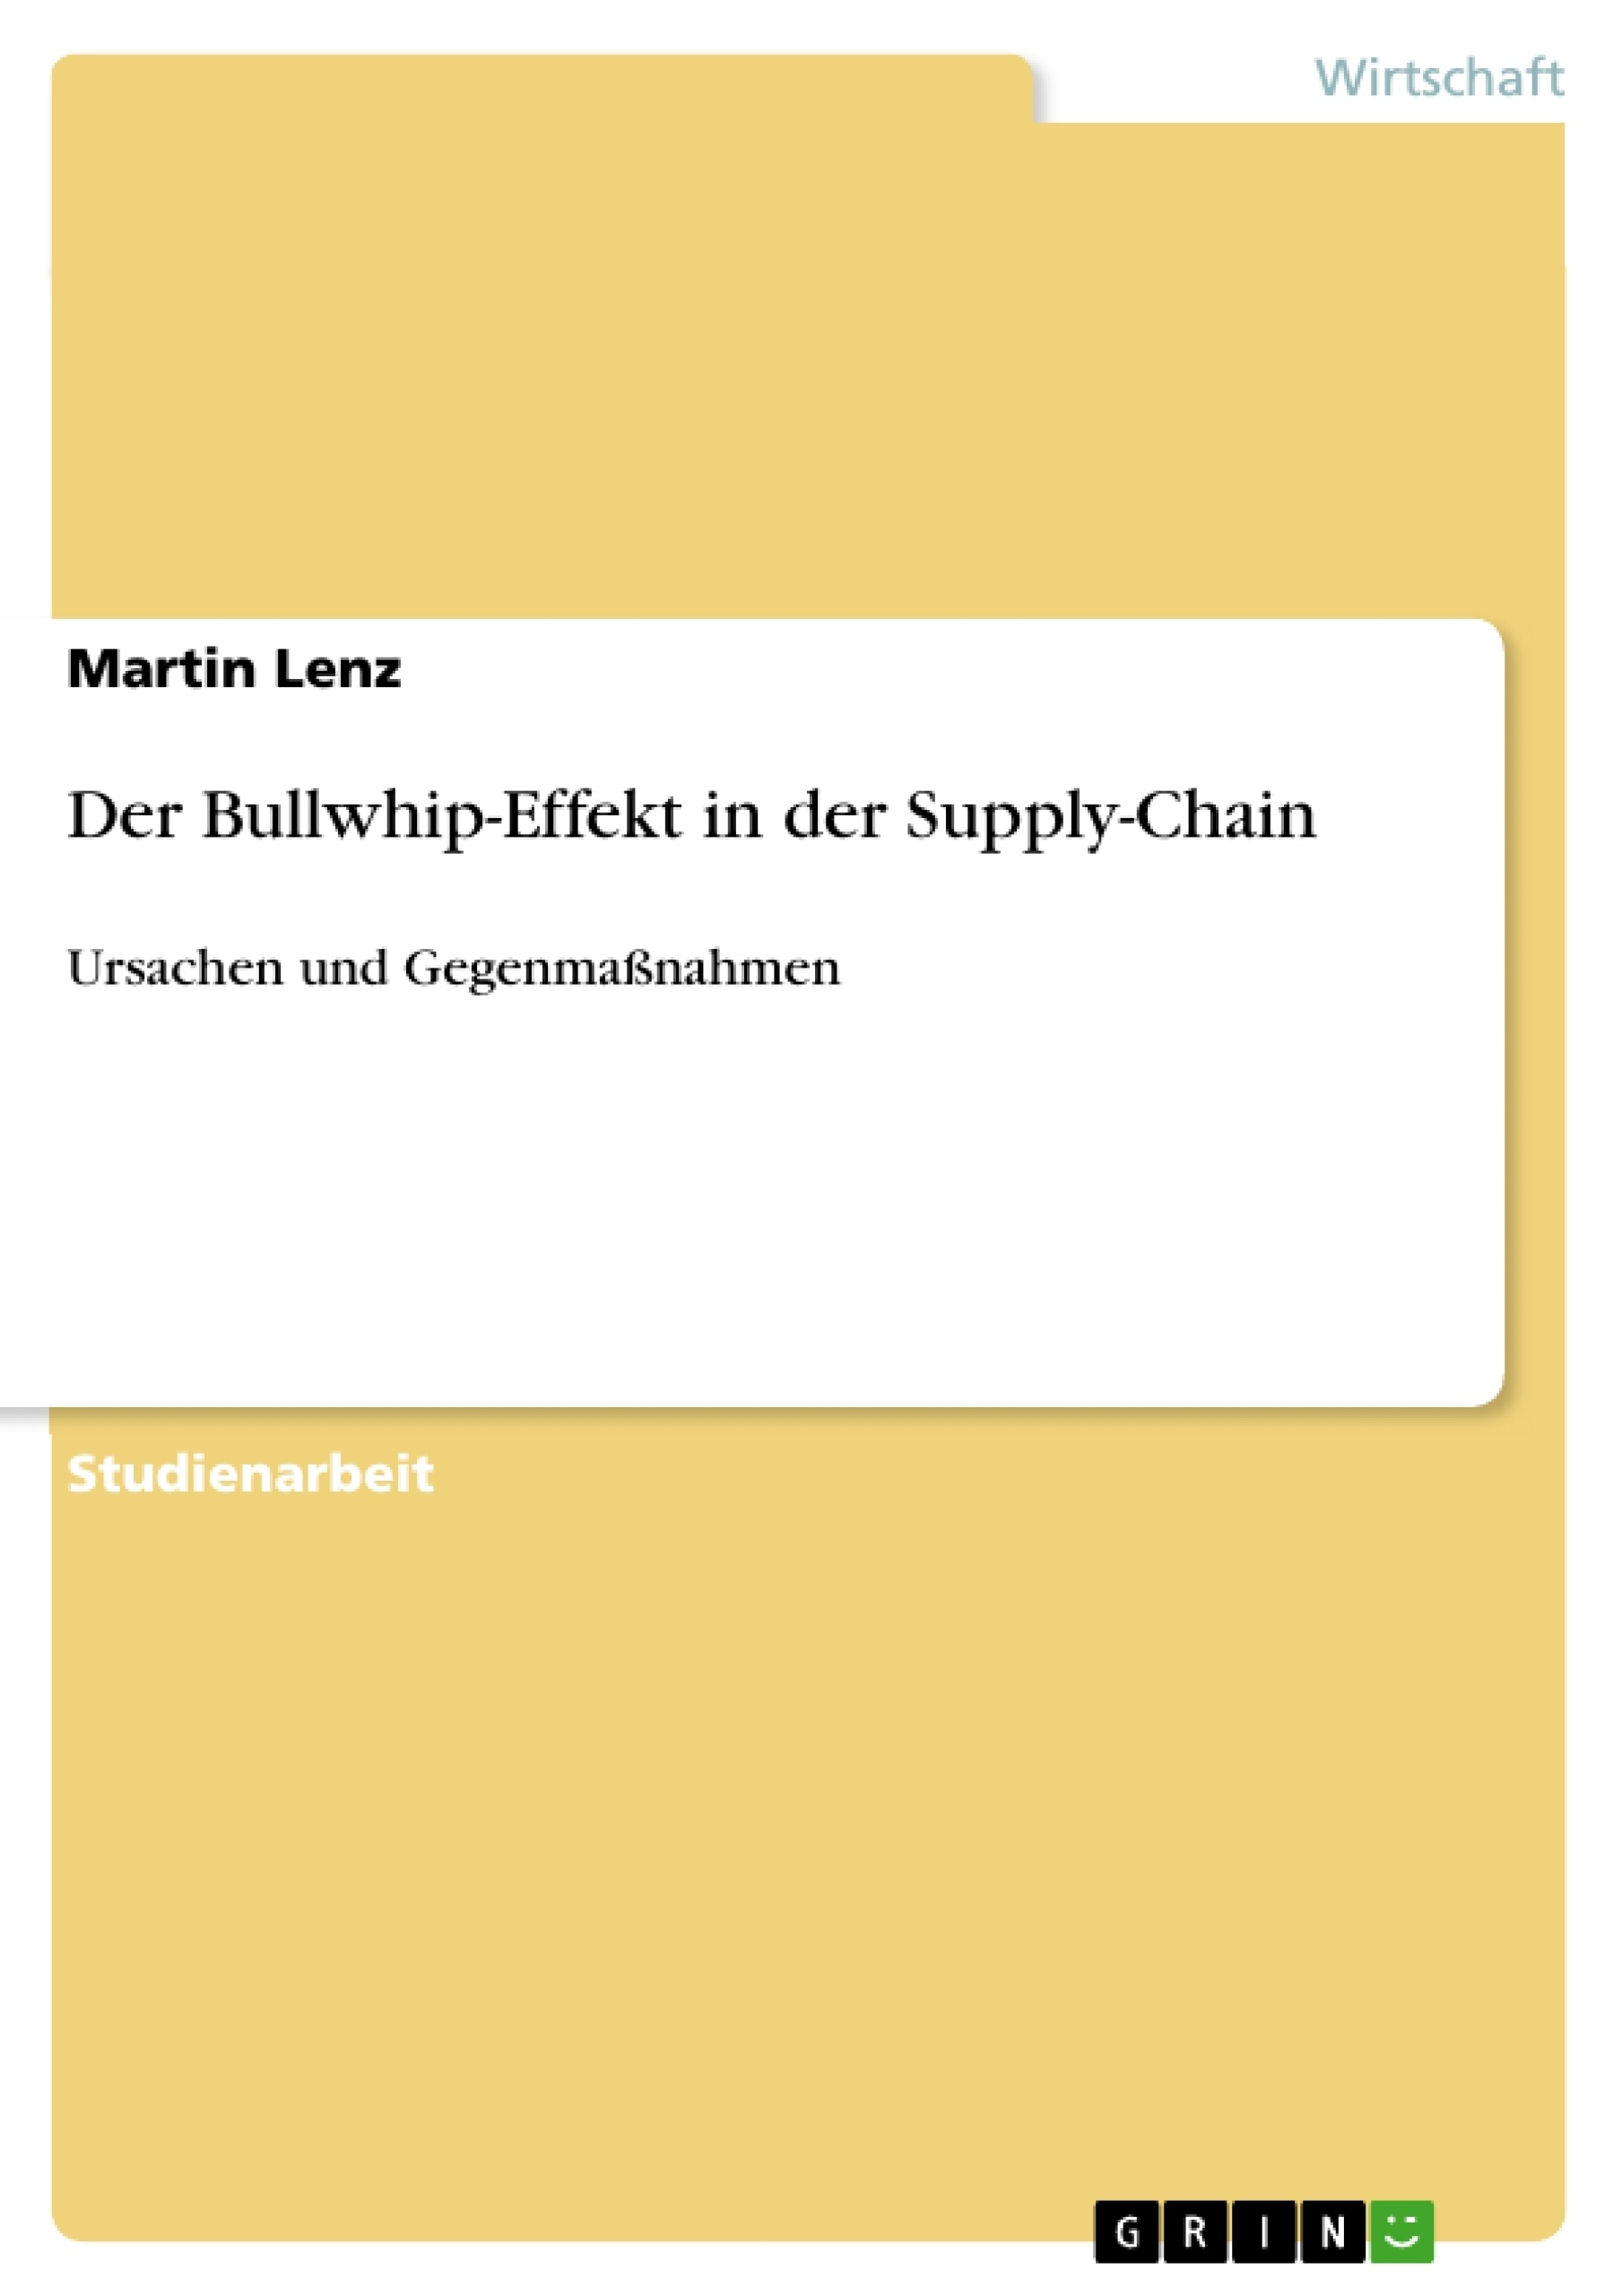 Titel: Der Bullwhip-Effekt in der Supply-Chain